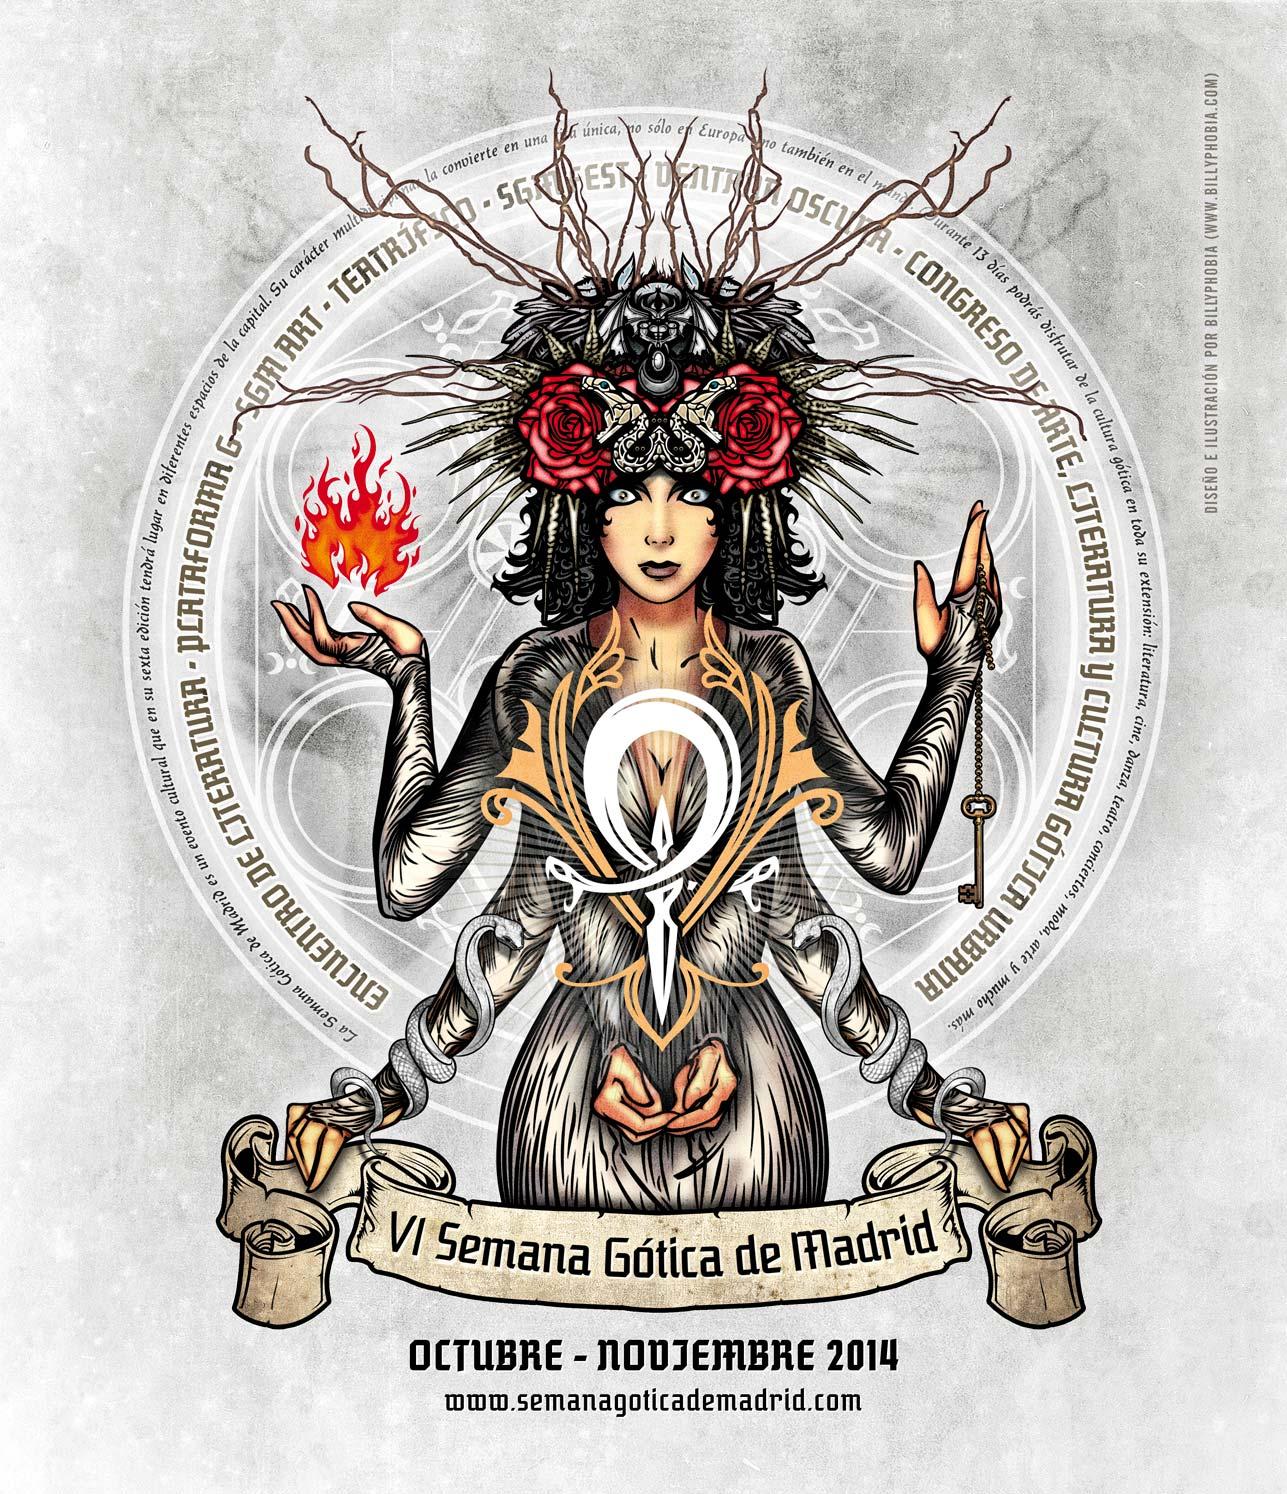 VI SGM - Semana Gótica de Madrid